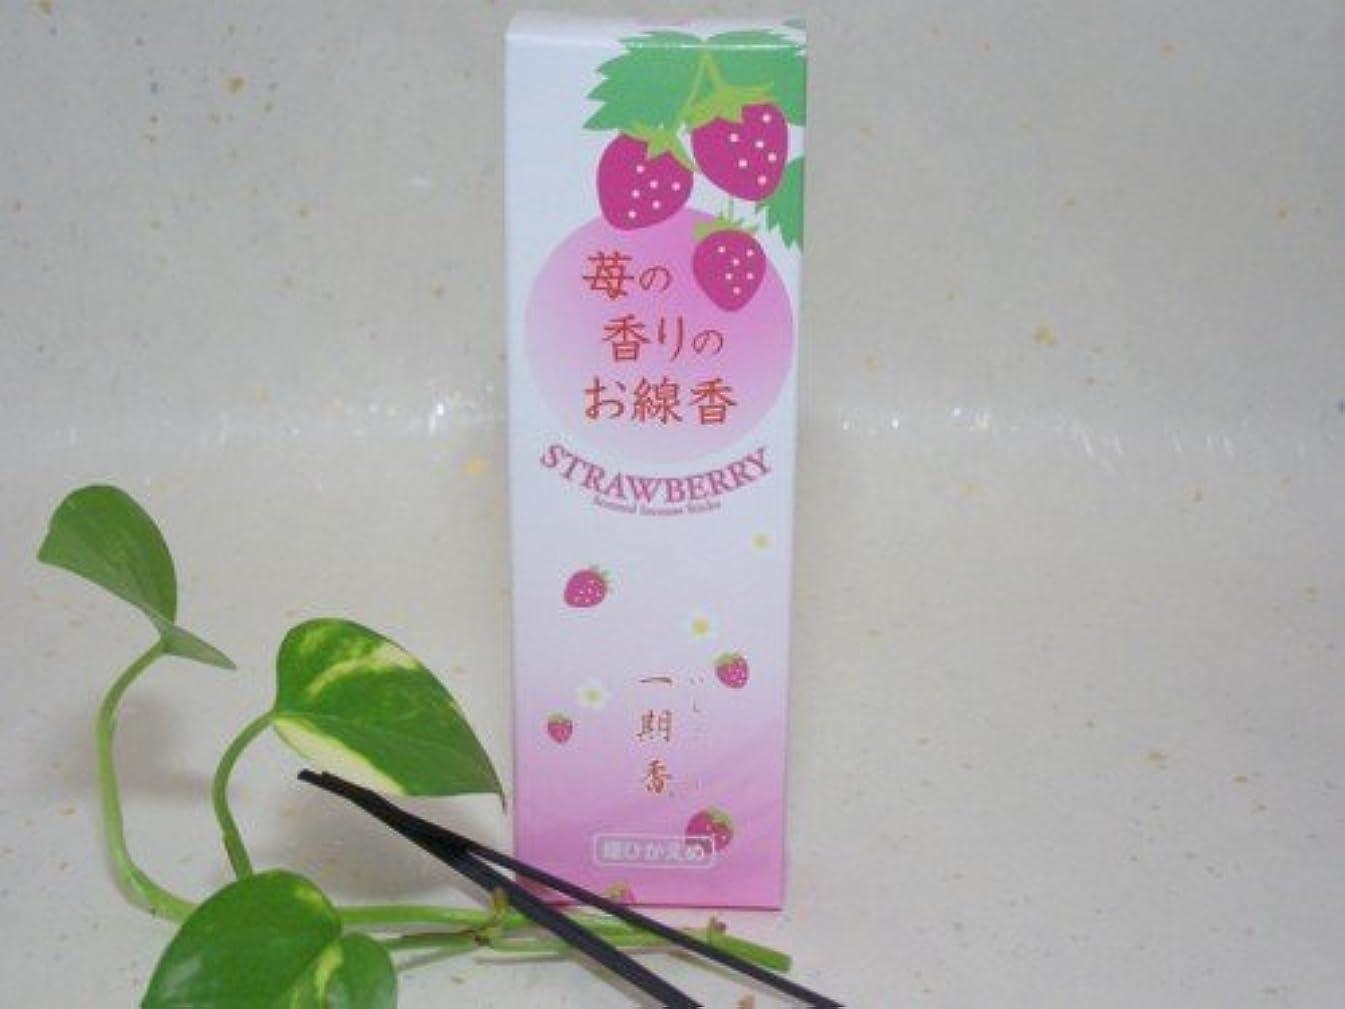 コンパスバリア対人一期香(いちごこう)苺の香りのお線香